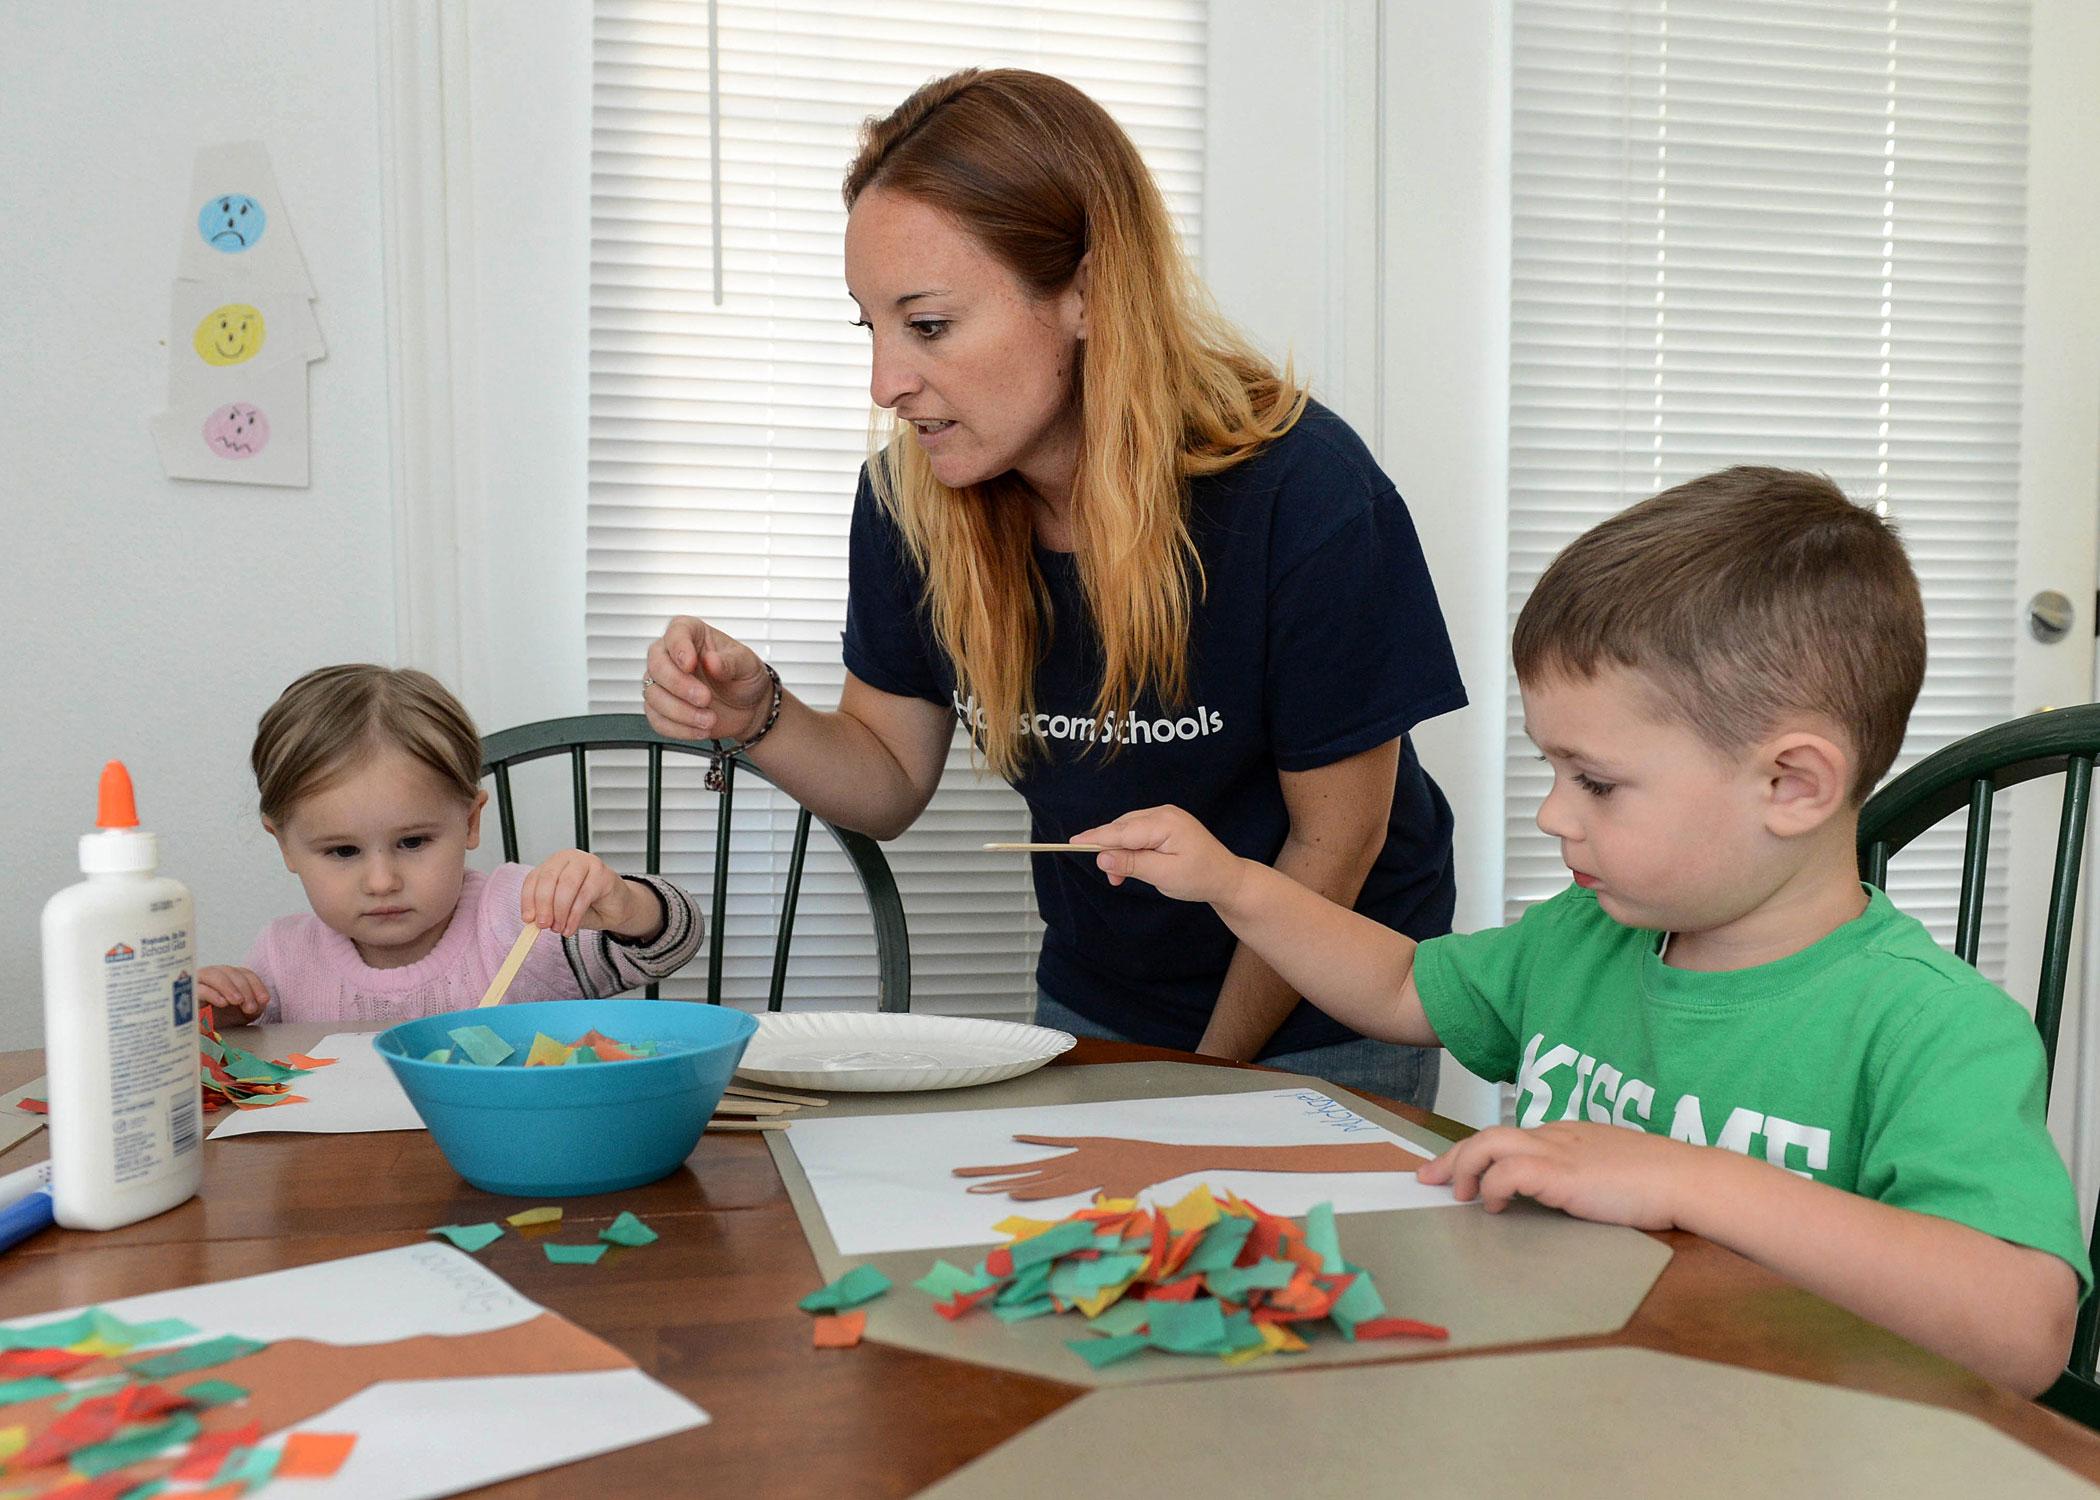 DROIT Concubinage garde des enfants